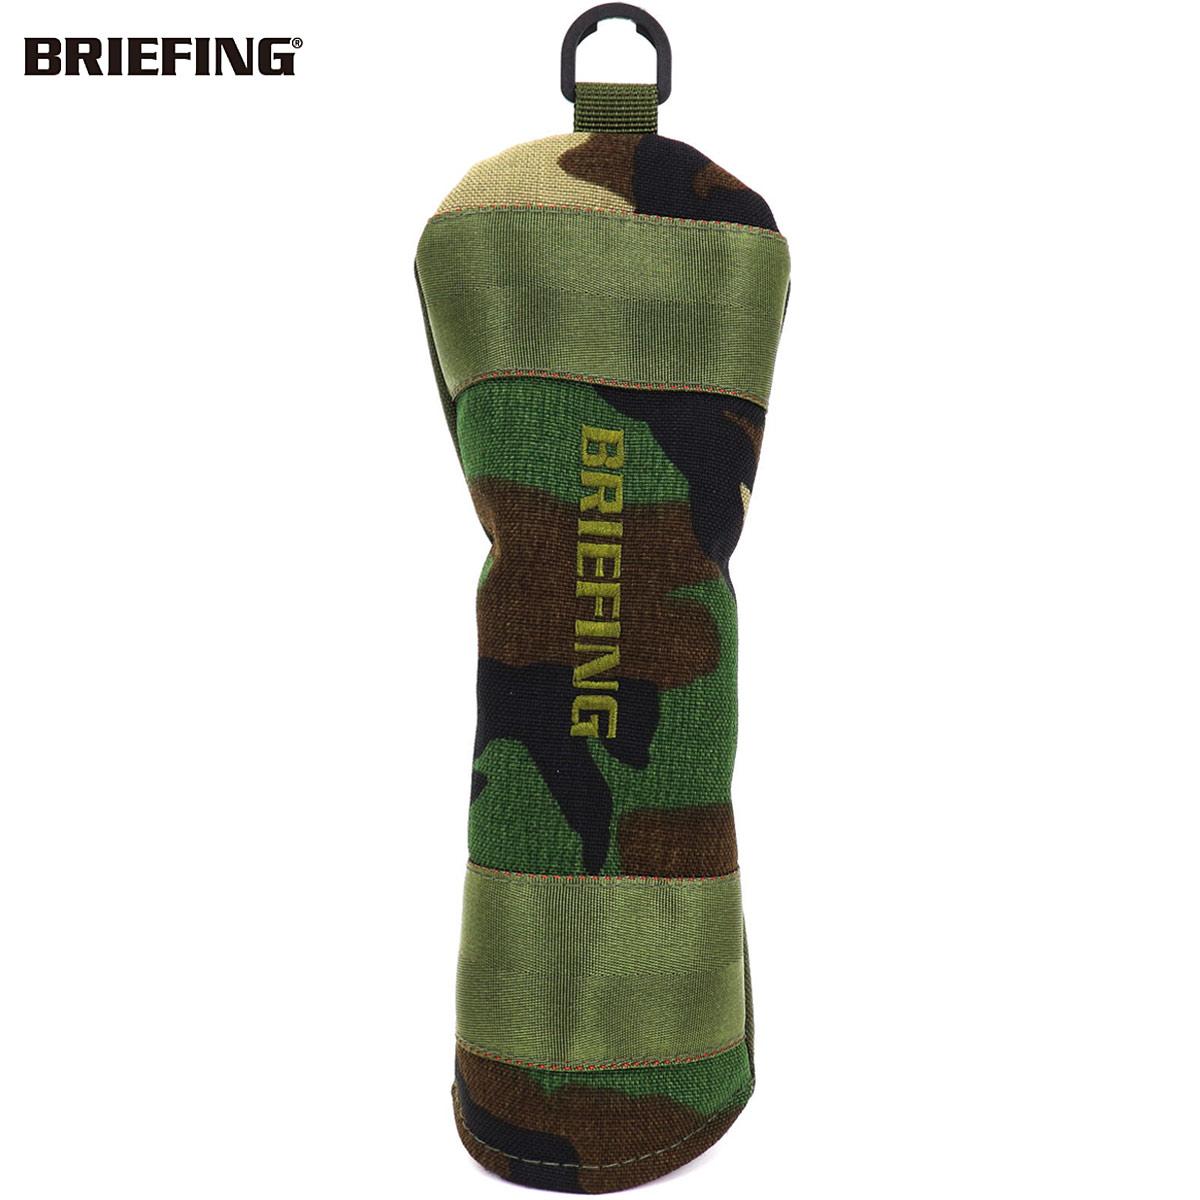 ブリーフィングゴルフ BRIEFING GOLF ユーティリティカバー B SIRIES UTILITY COVER COMBI BRG204G04 160 WOODLANDCAMO(ウッドランドカモ)秋冬新作